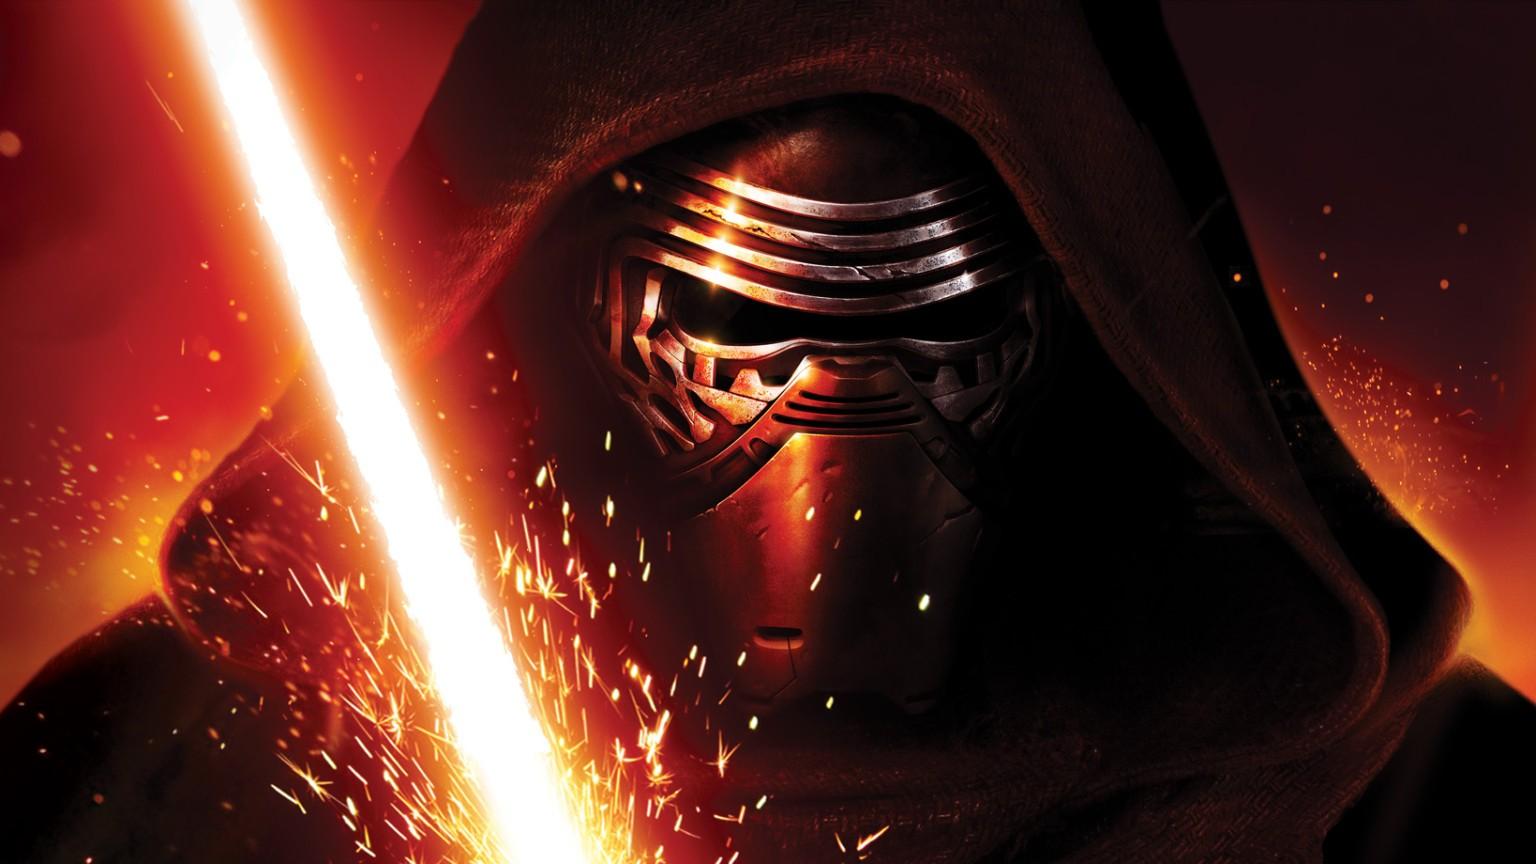 Звездные войны Пробуждение силы Star Wars The Force Awakens Кайло Рен меч